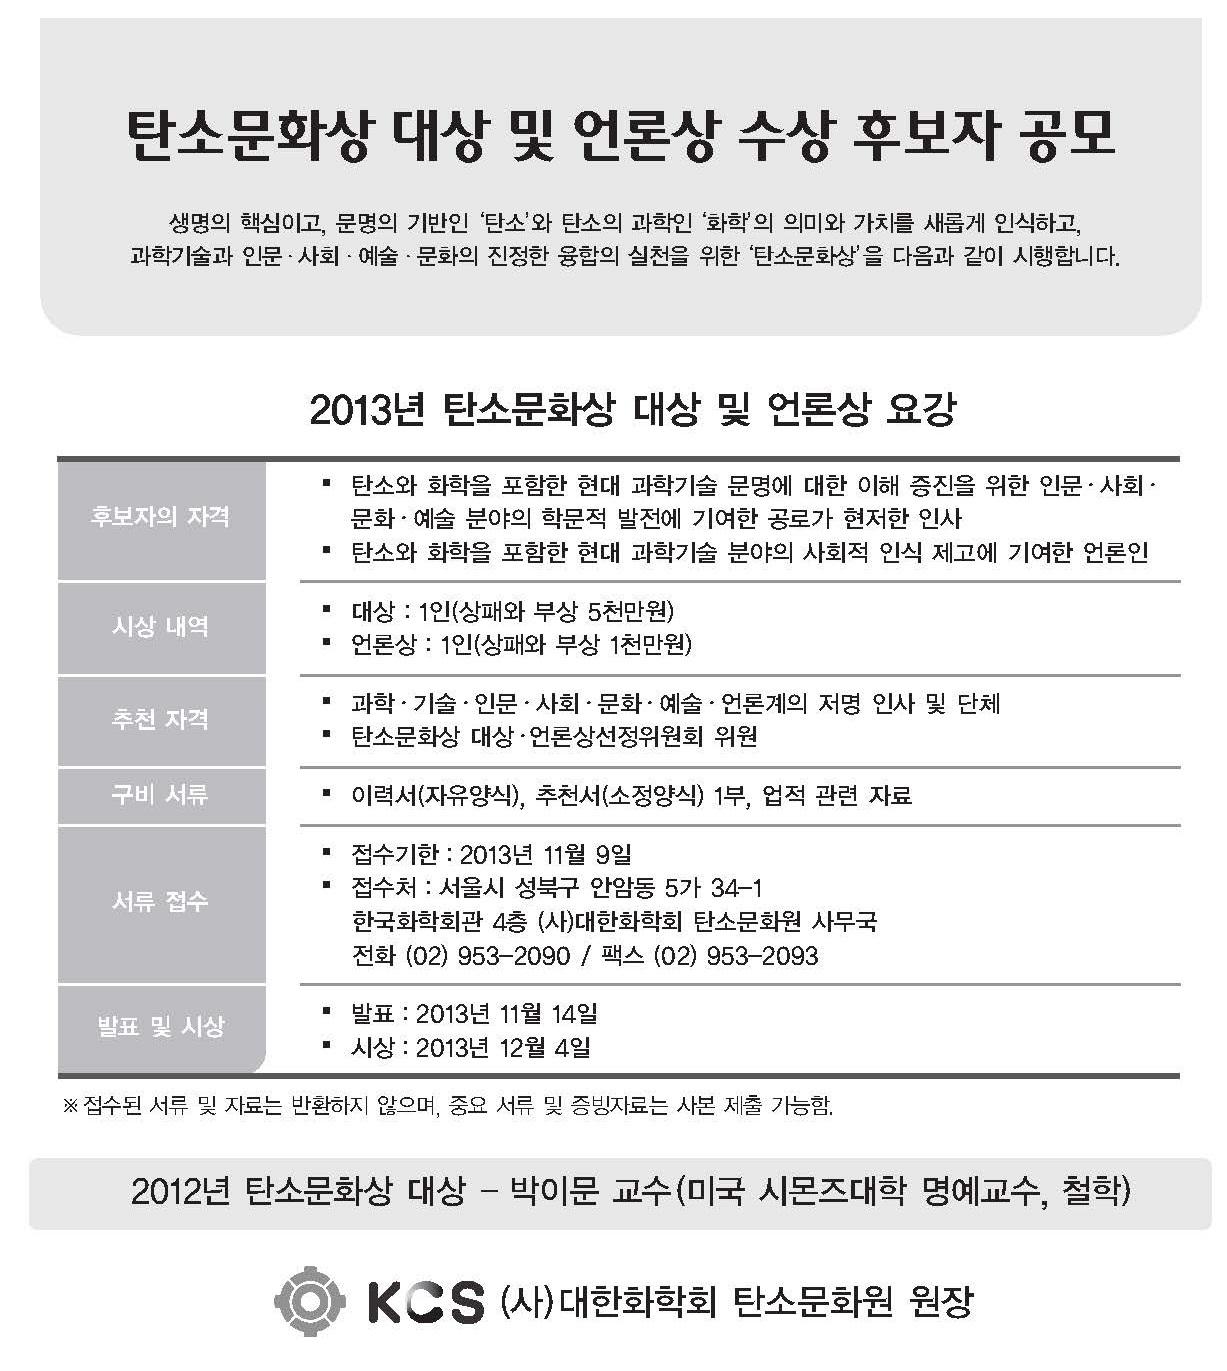 2013탄소문화상_공고.jpg